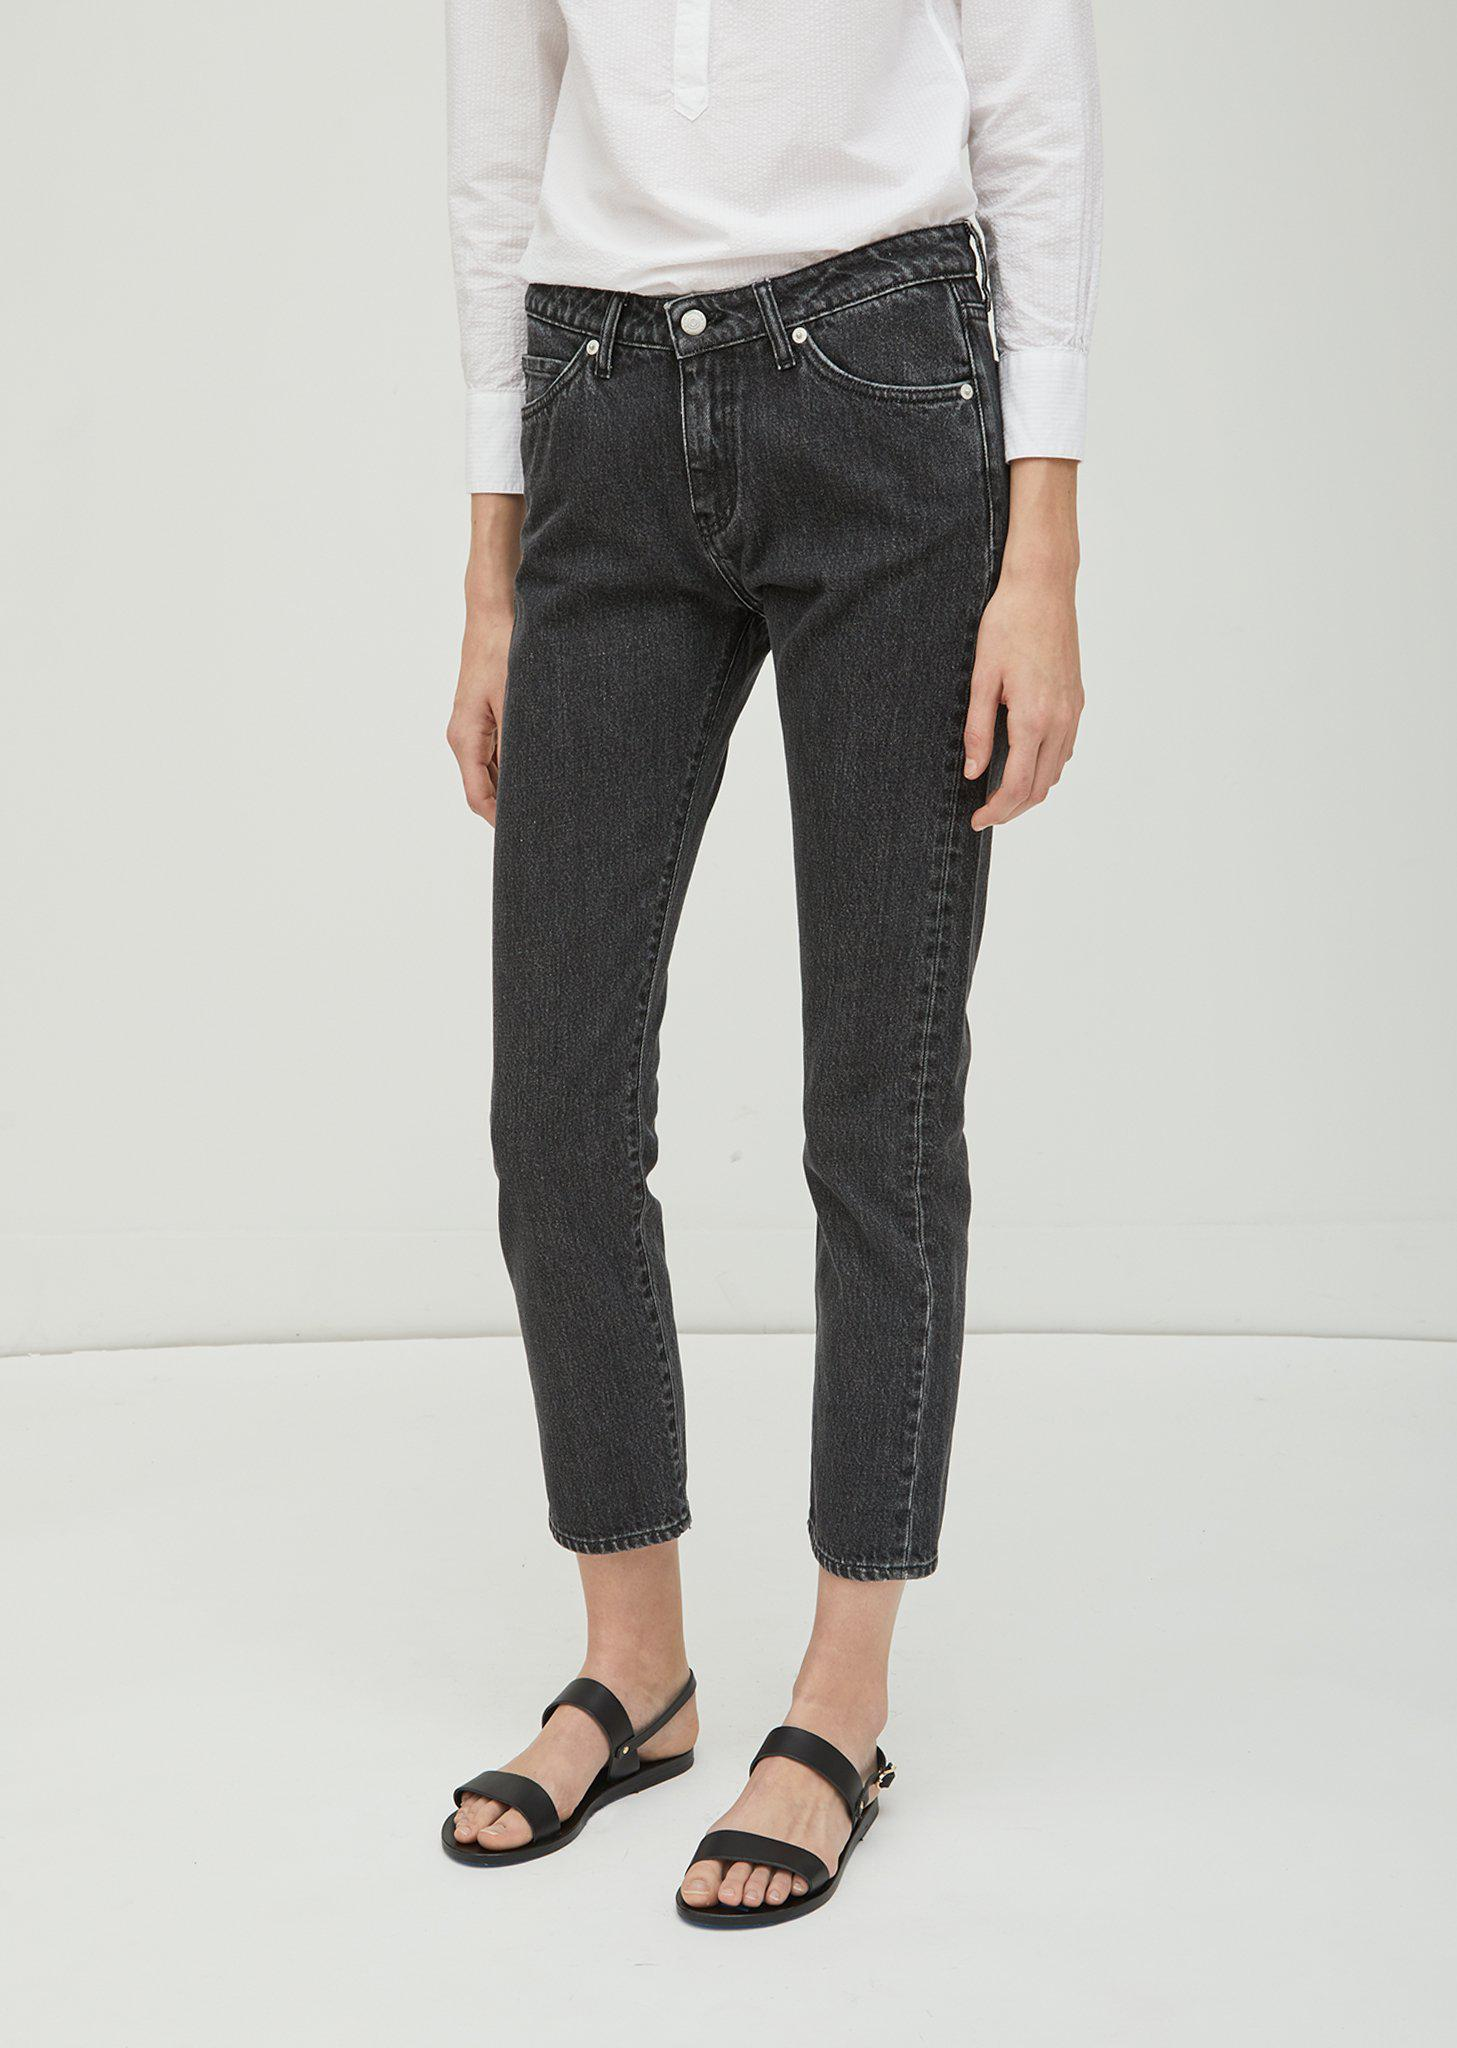 Officine Generale Bret 5 Pocket Japanese Denim Jeans in Grey (Grey)